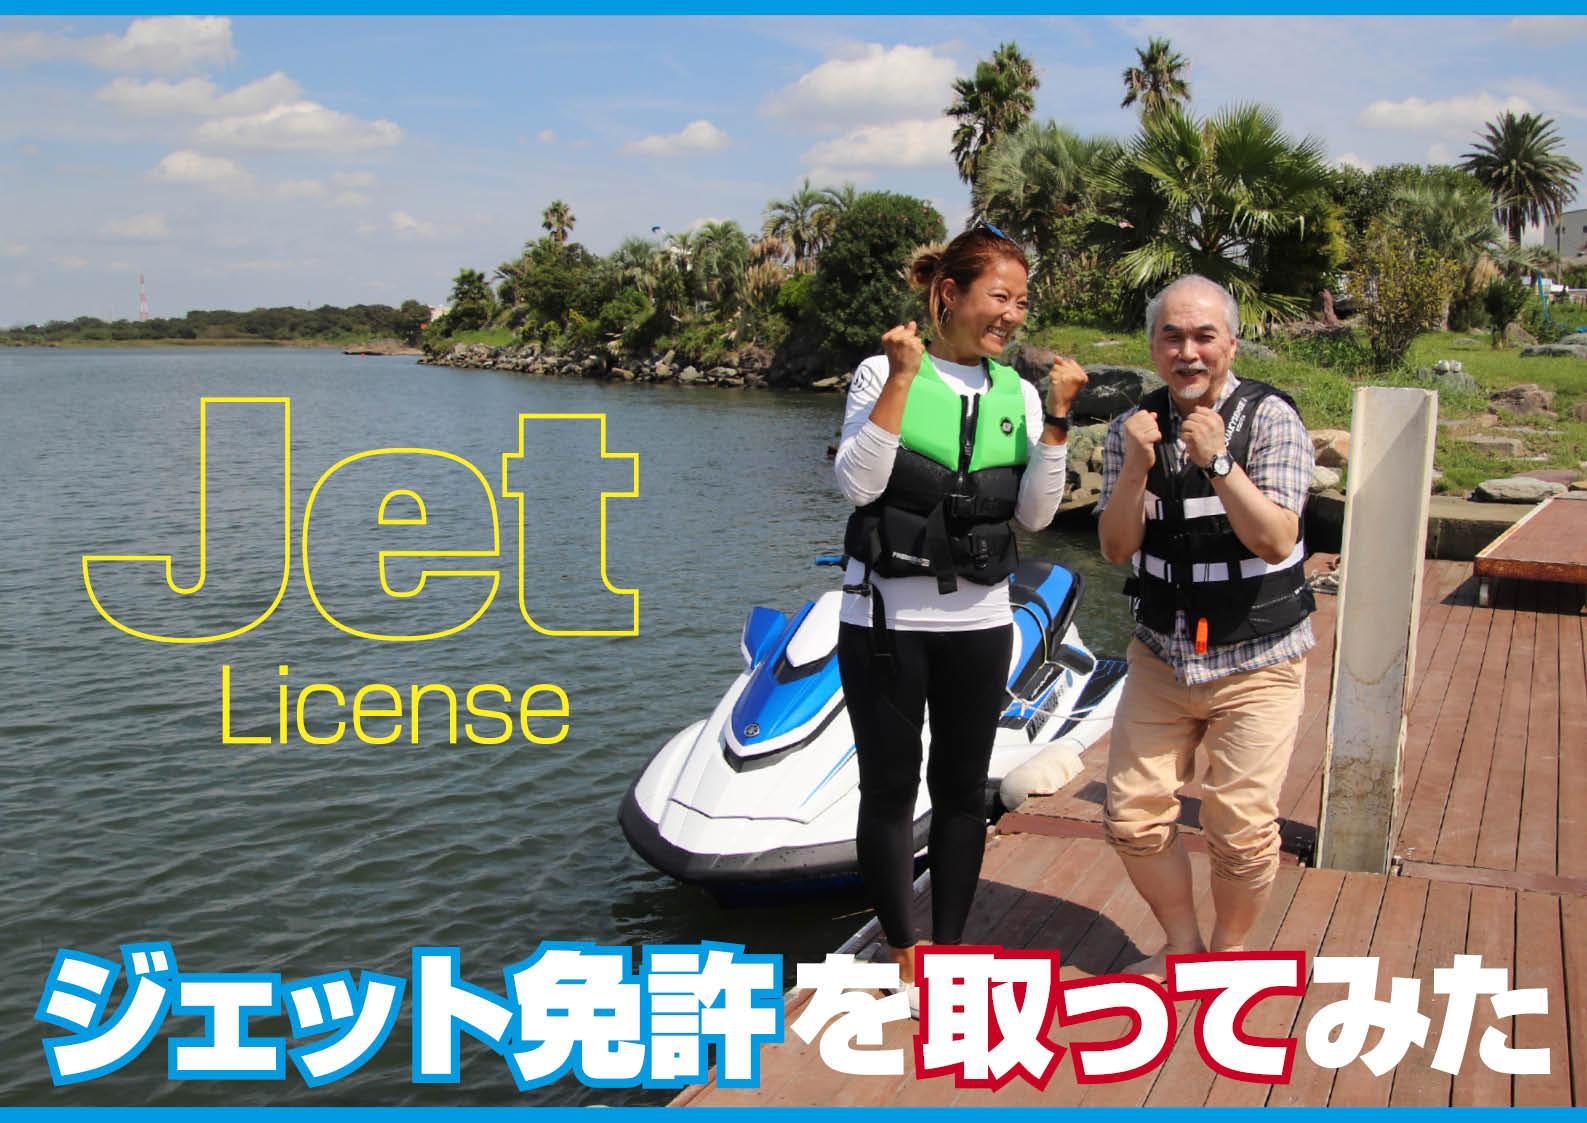 ジェットスキー(水上バイク)の免許を取ってみた 体験記 1(1/3)